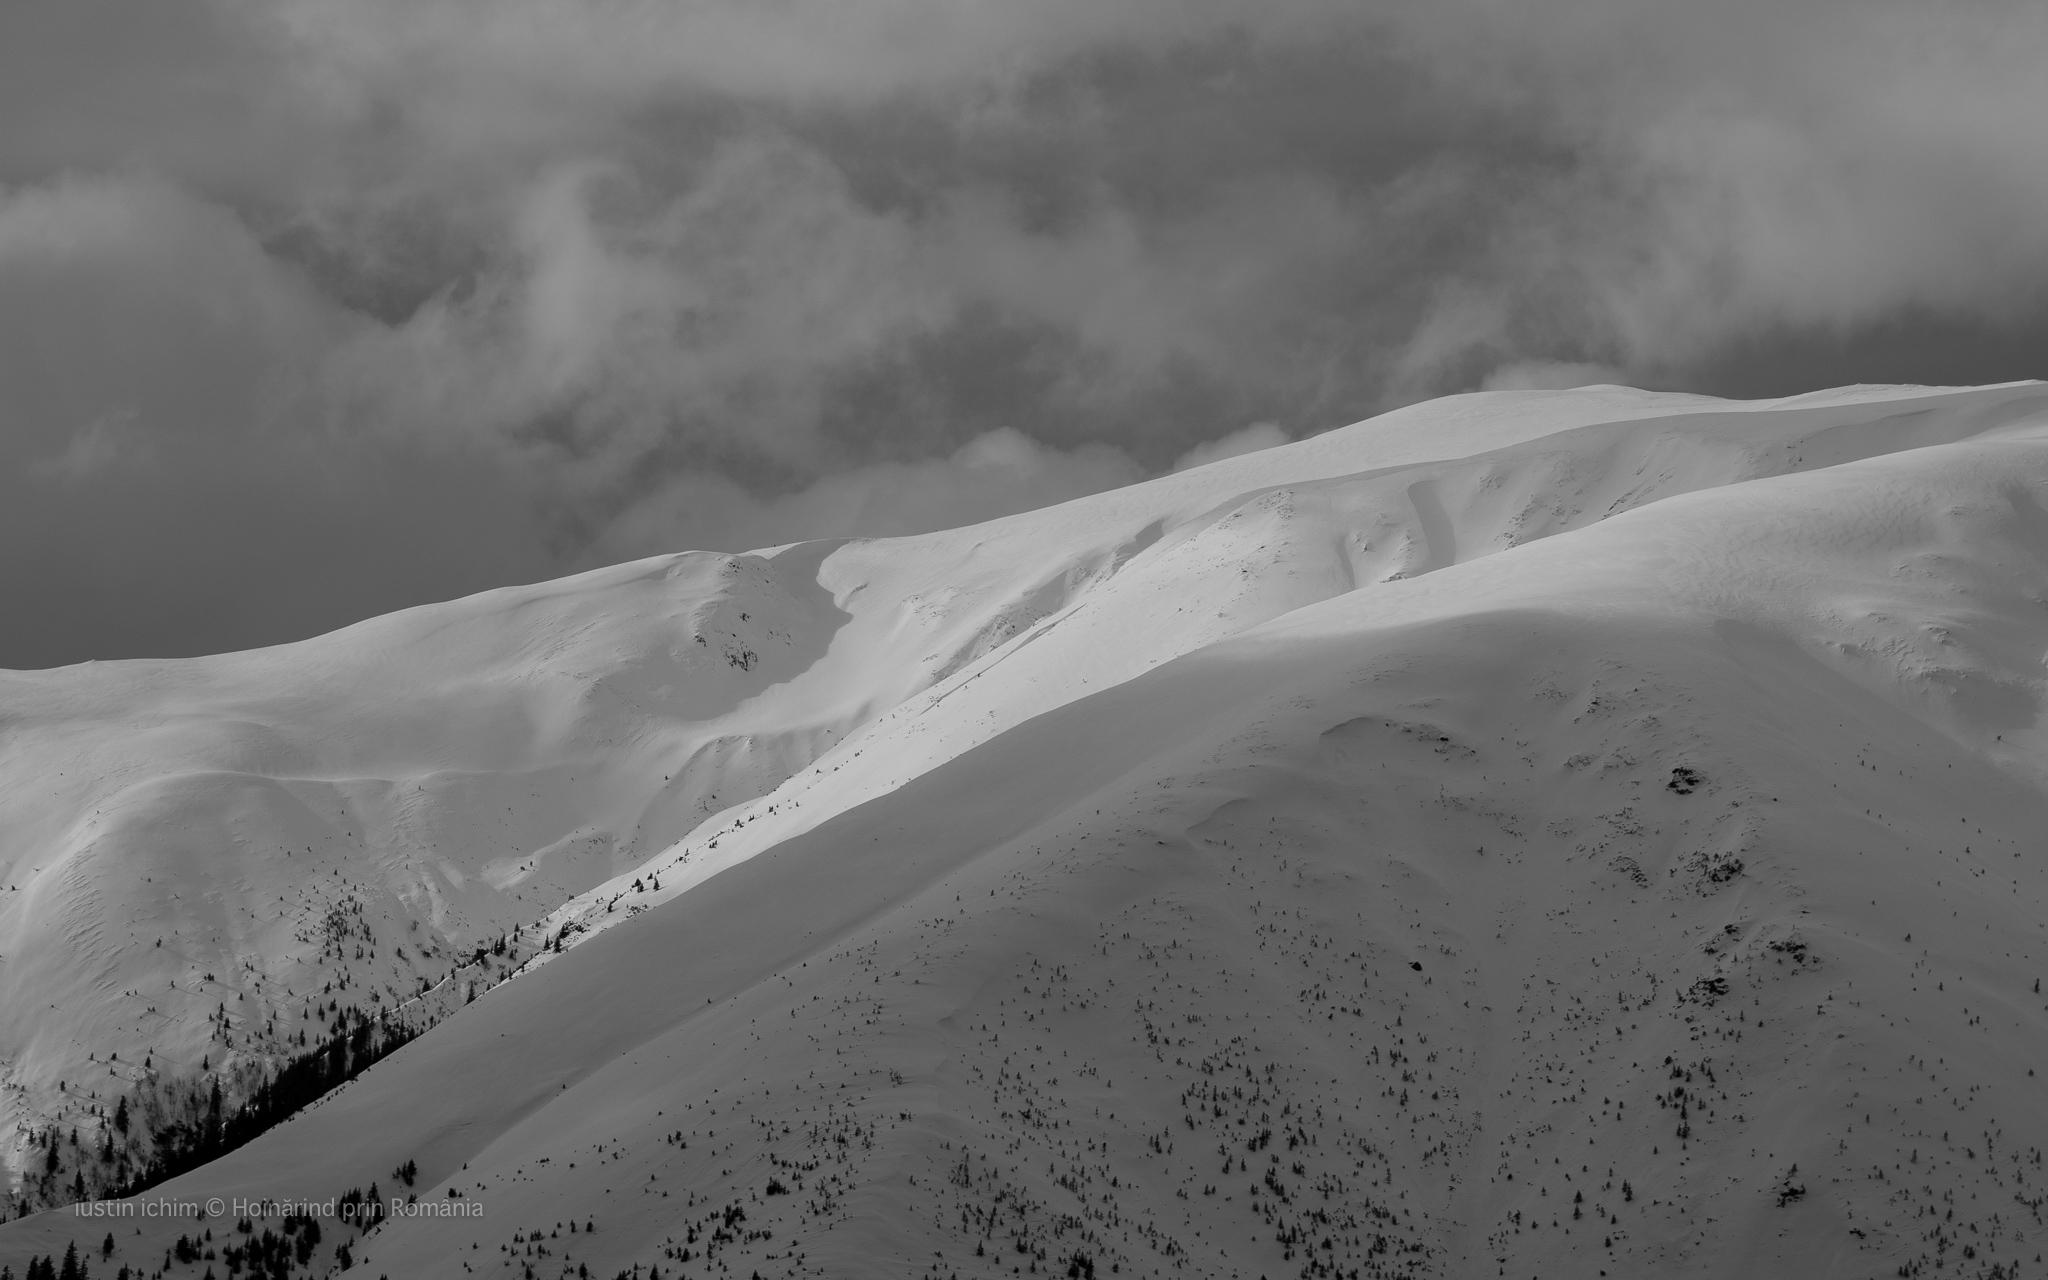 Munții Iezer Păpușa